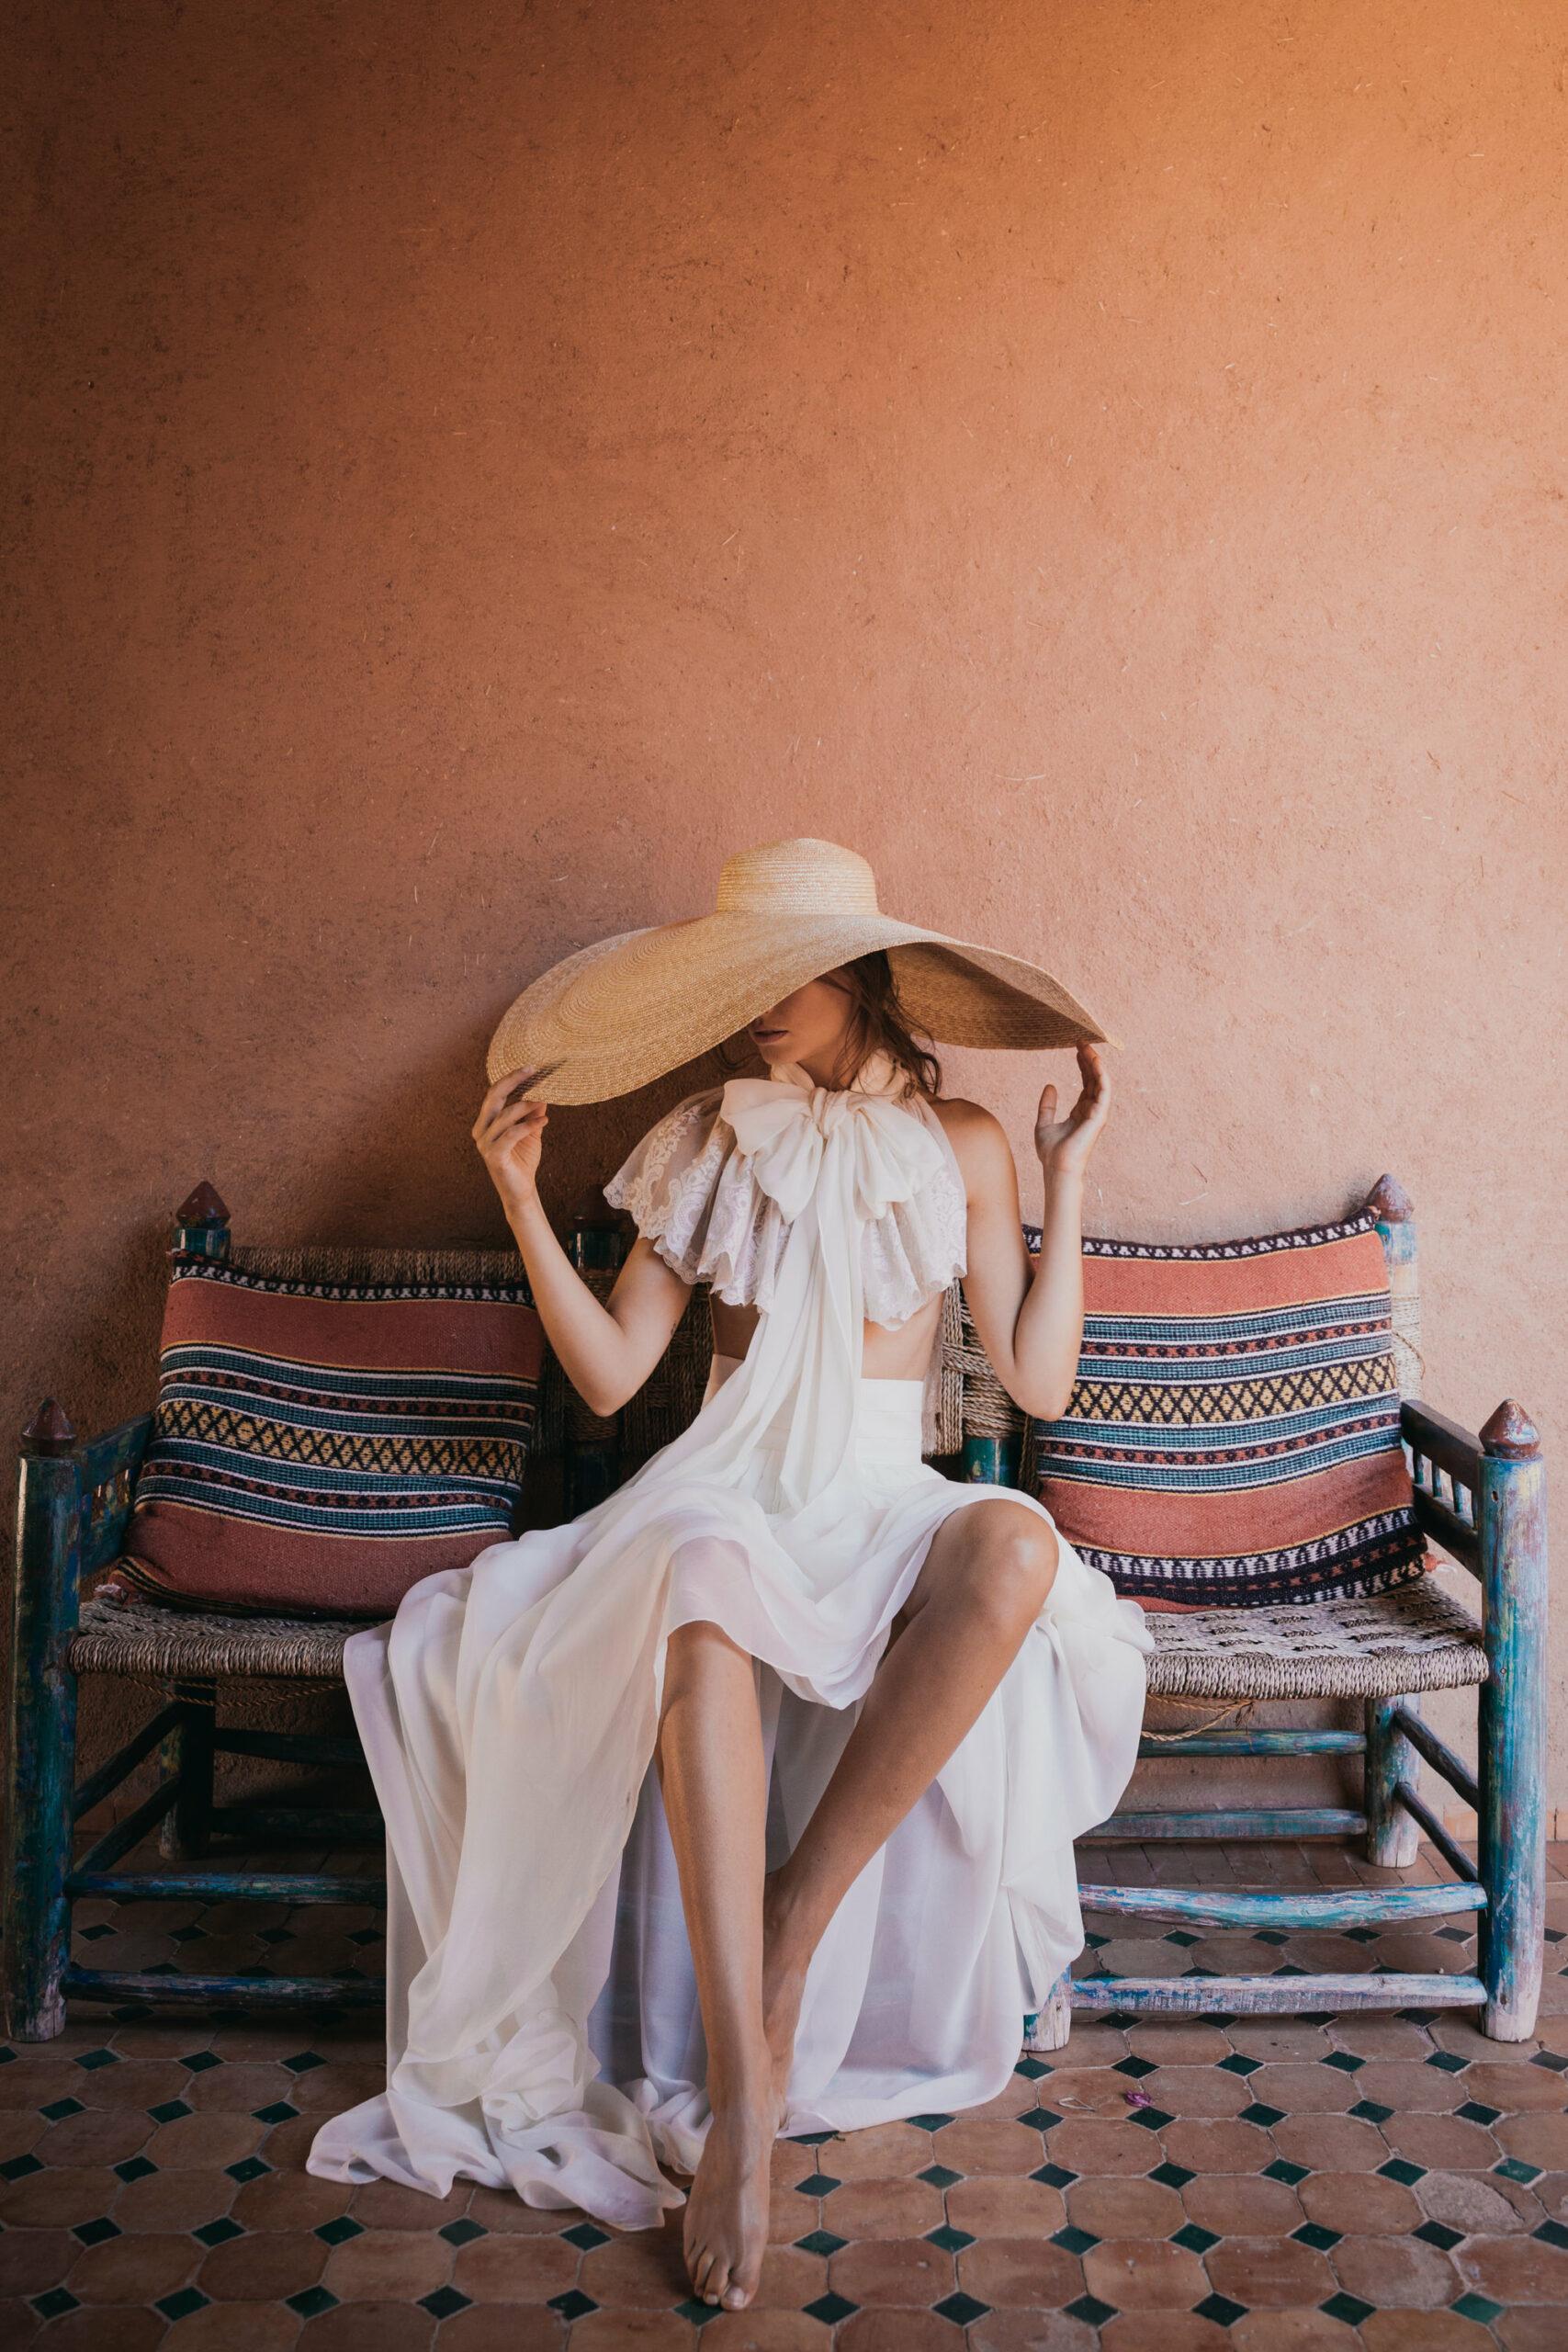 GRAINE DE PARADIS - Victoire Vermeulen